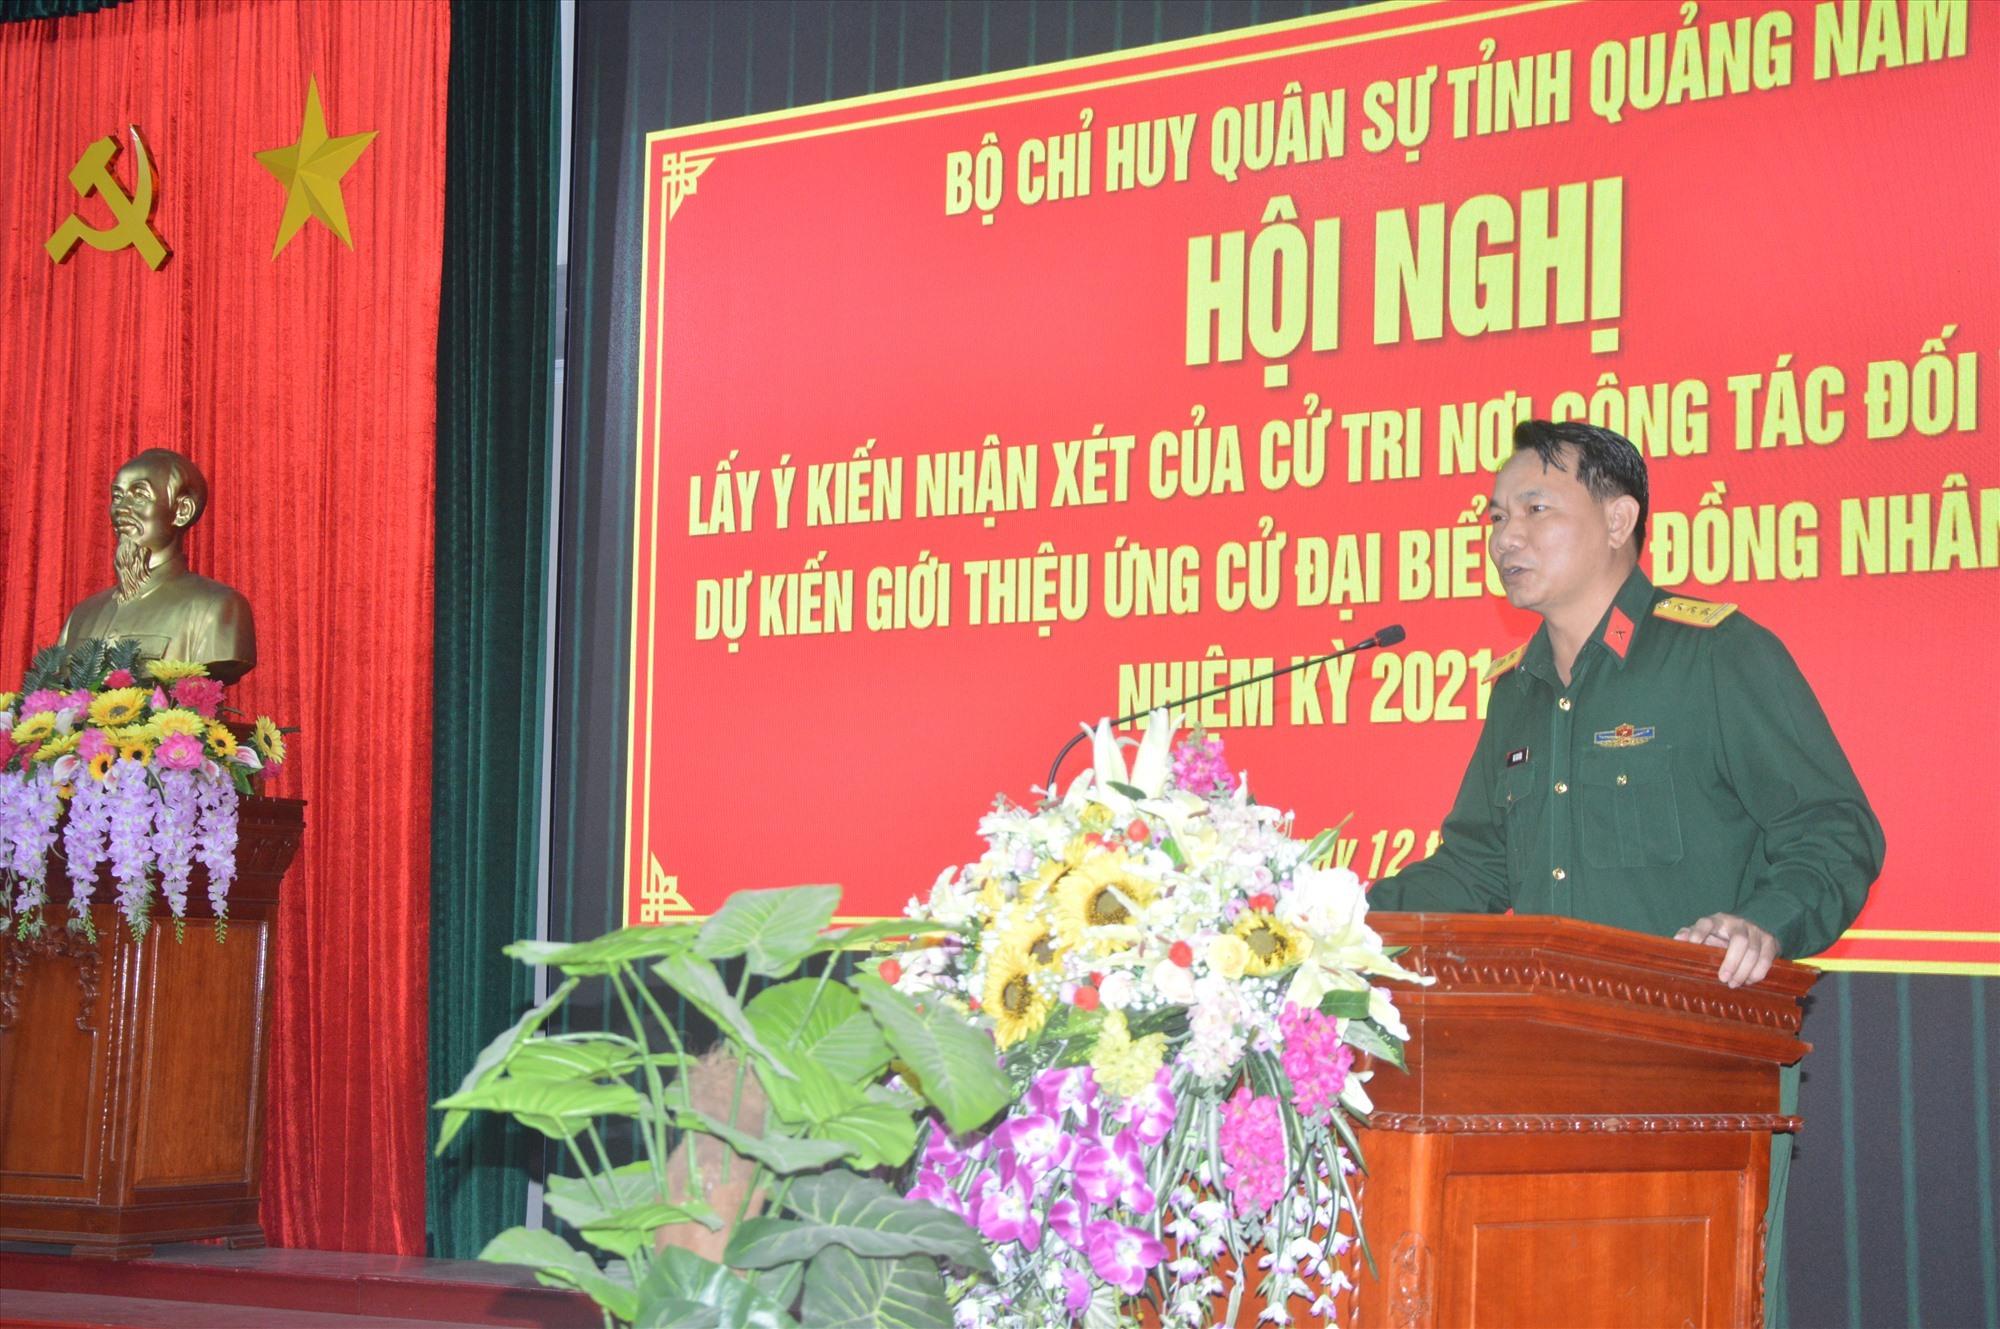 Thượng tá Mai Kim Bình, Chính ủy Bộ CHQS tỉnh phát biểu tại hội nghị.